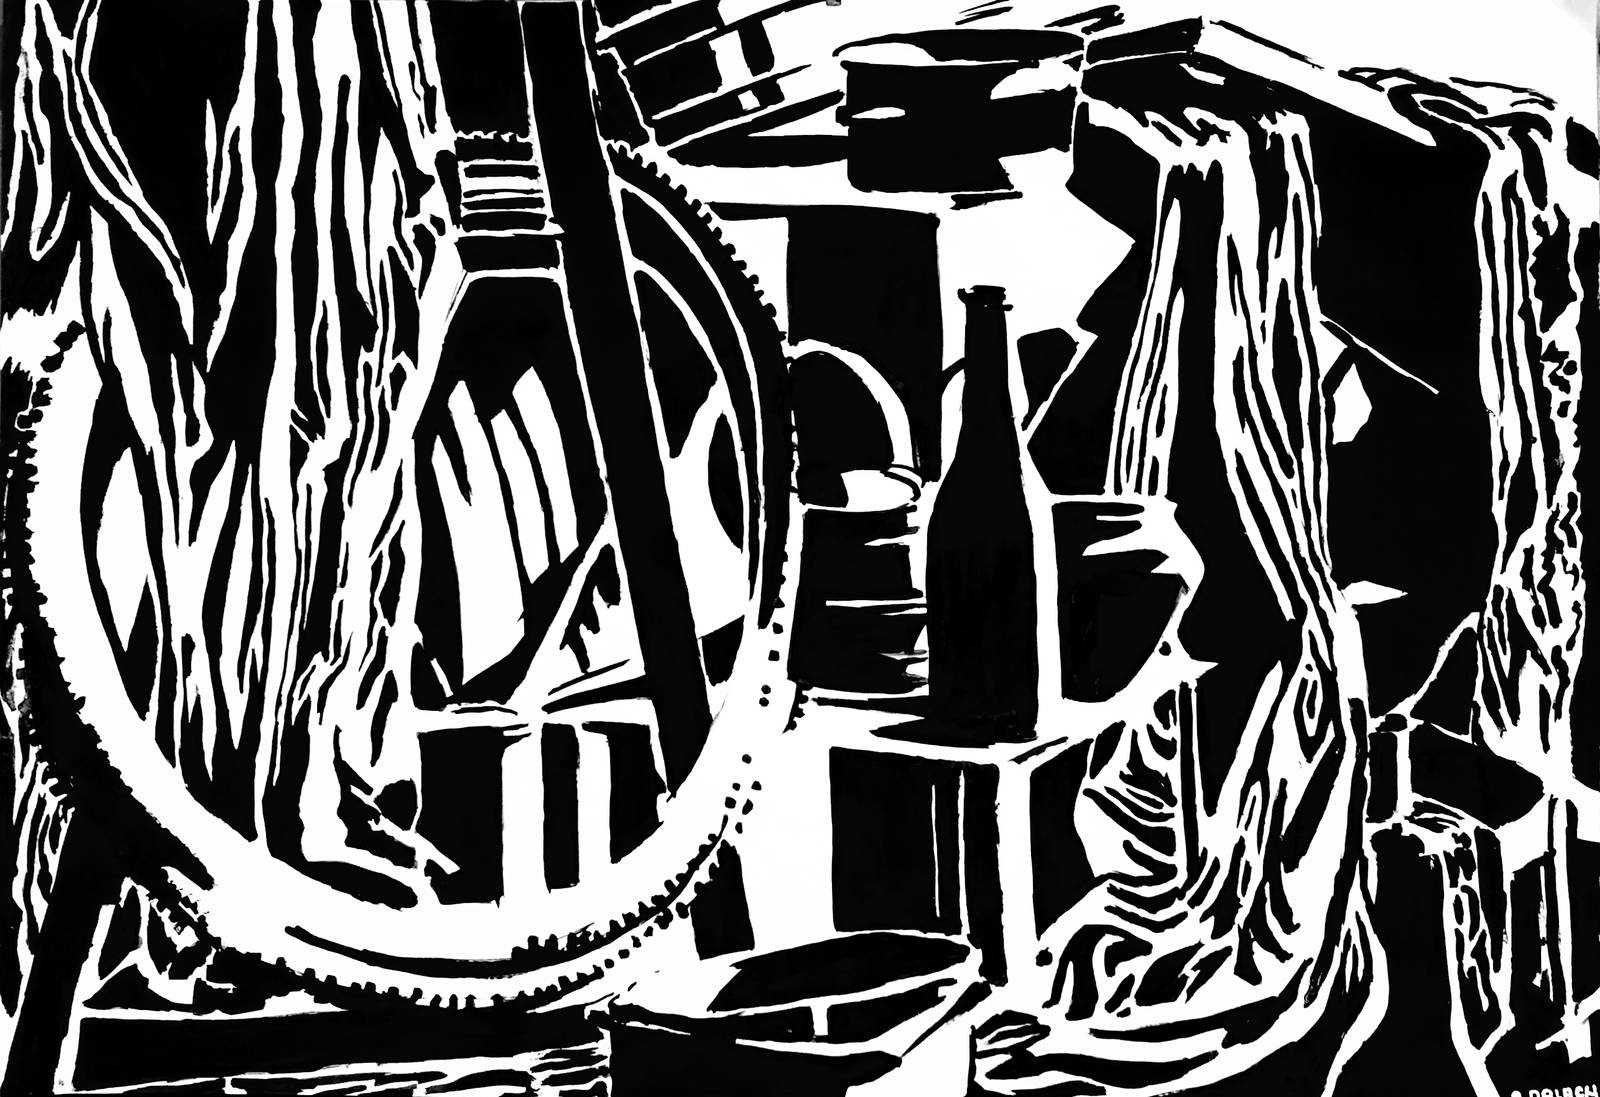 Butelka i szmaty by Evanrinya